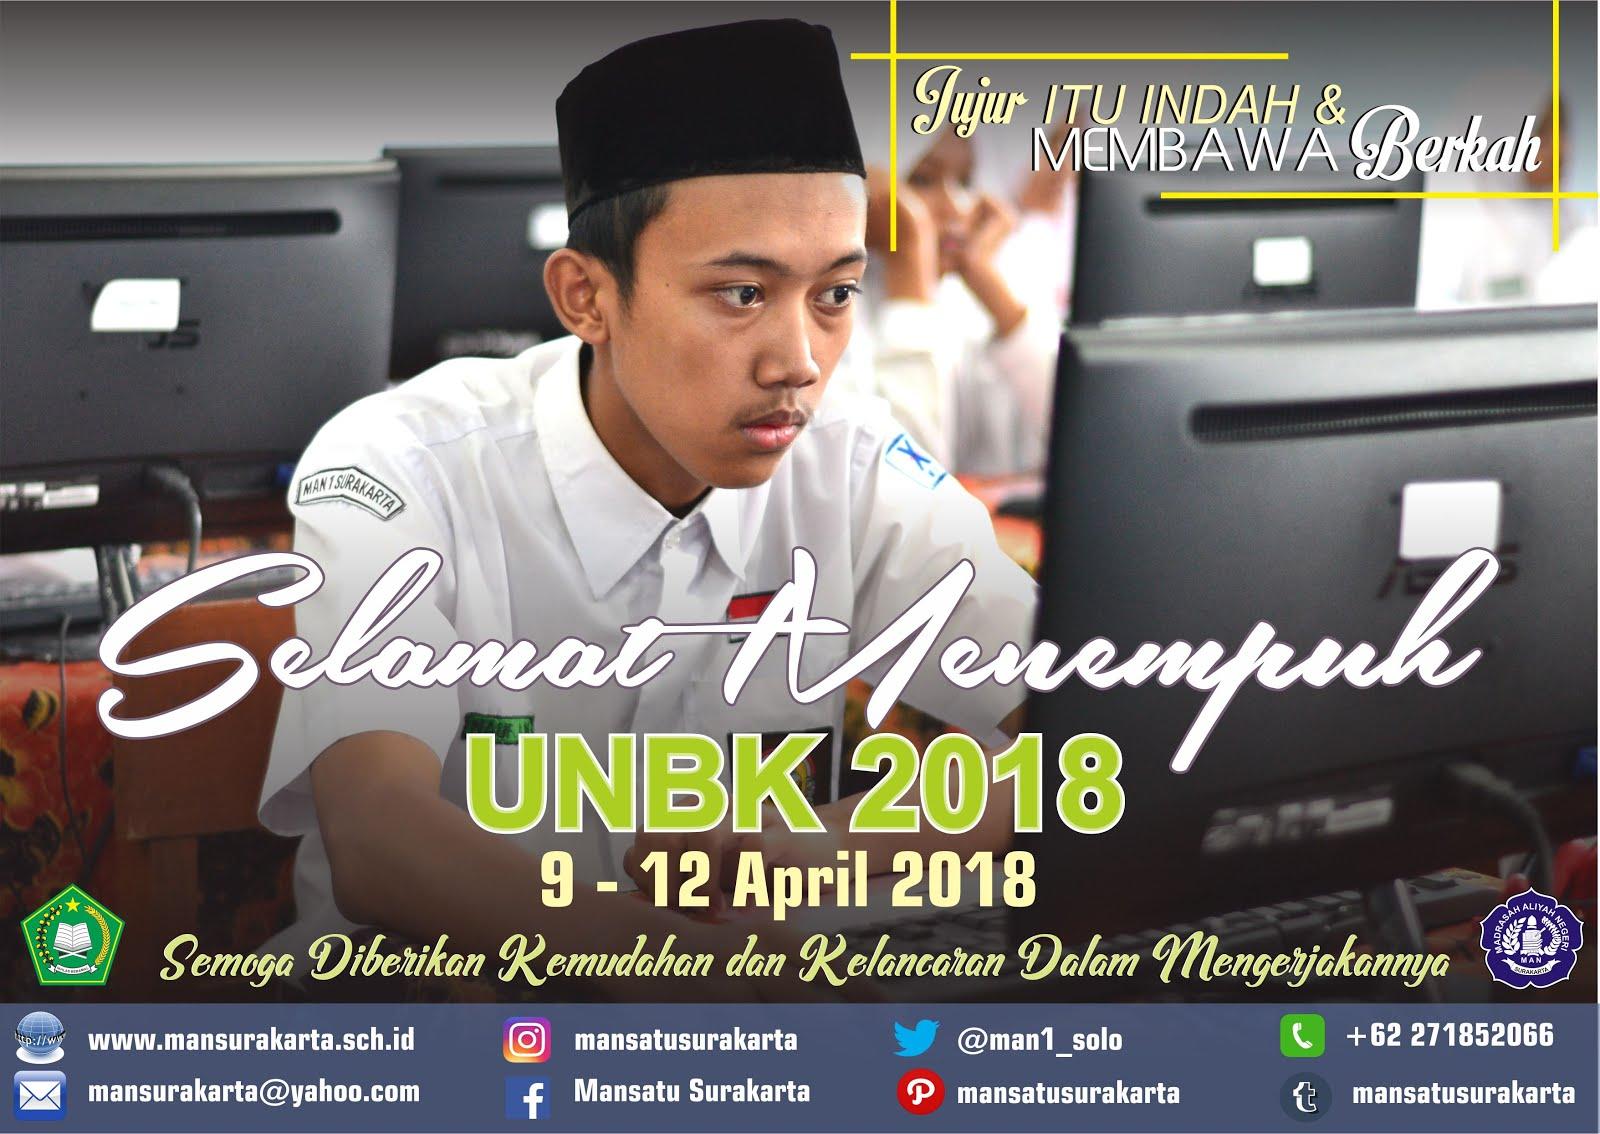 SELAMAT UNBK 2018